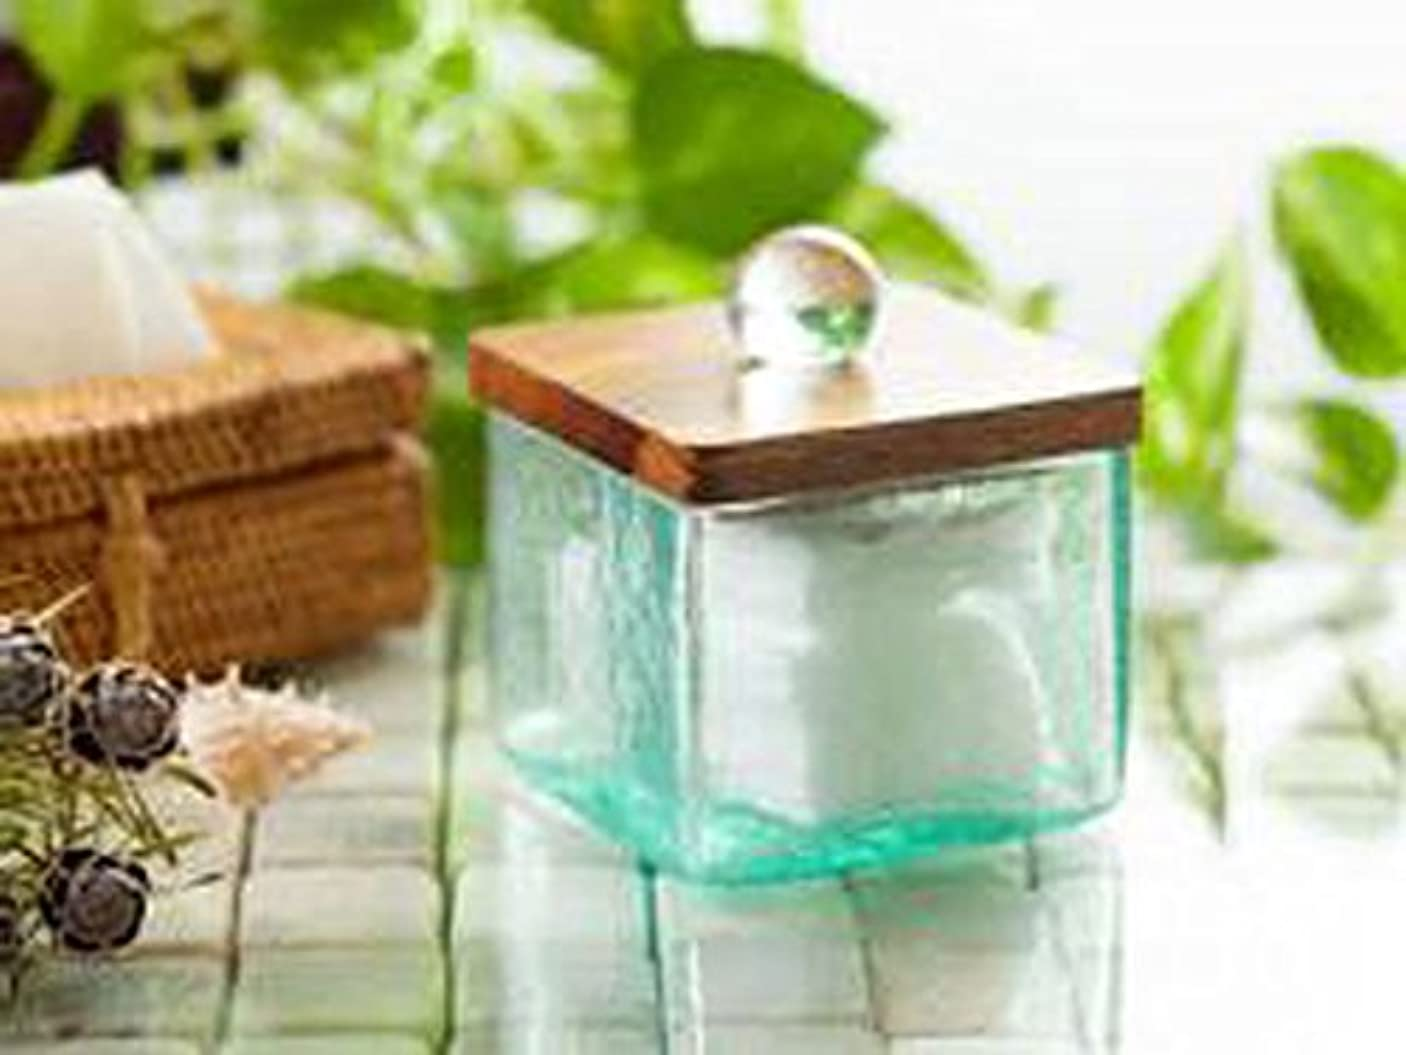 ハントお酒再生可能コットンケース 海の色のようなグリーンガラスと木目の美しいチーク材 8×8×9 cm